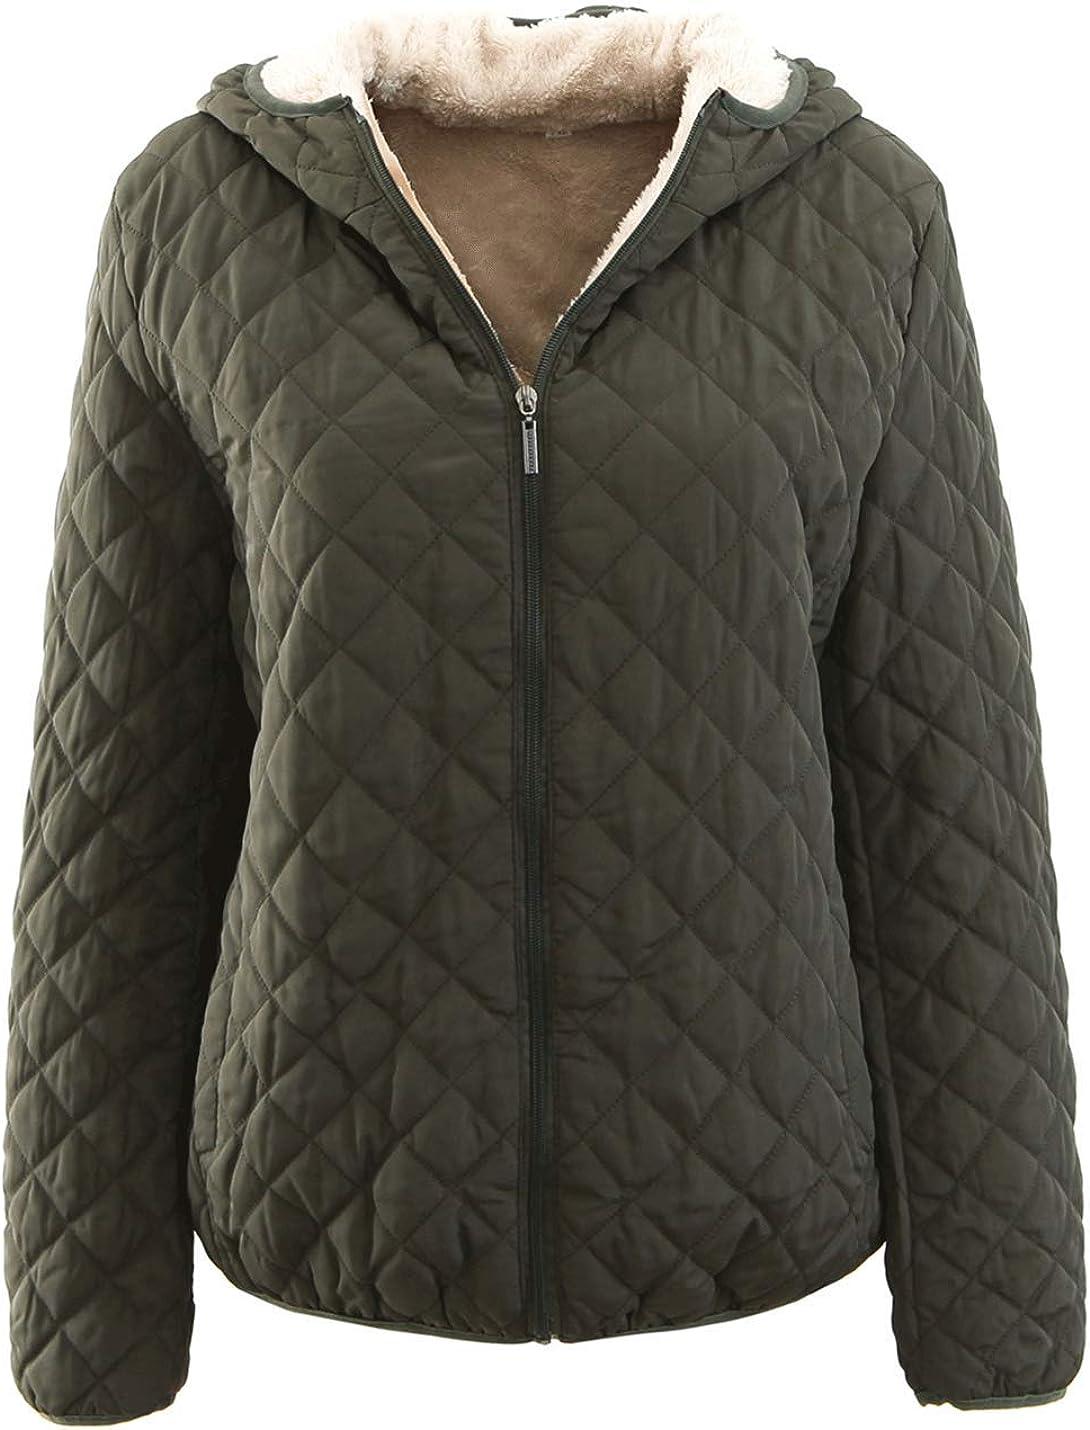 Jenkoon Women's Short Sherpa Lined Quilted Jacket Zip up Hoodie Overcoat Jacket